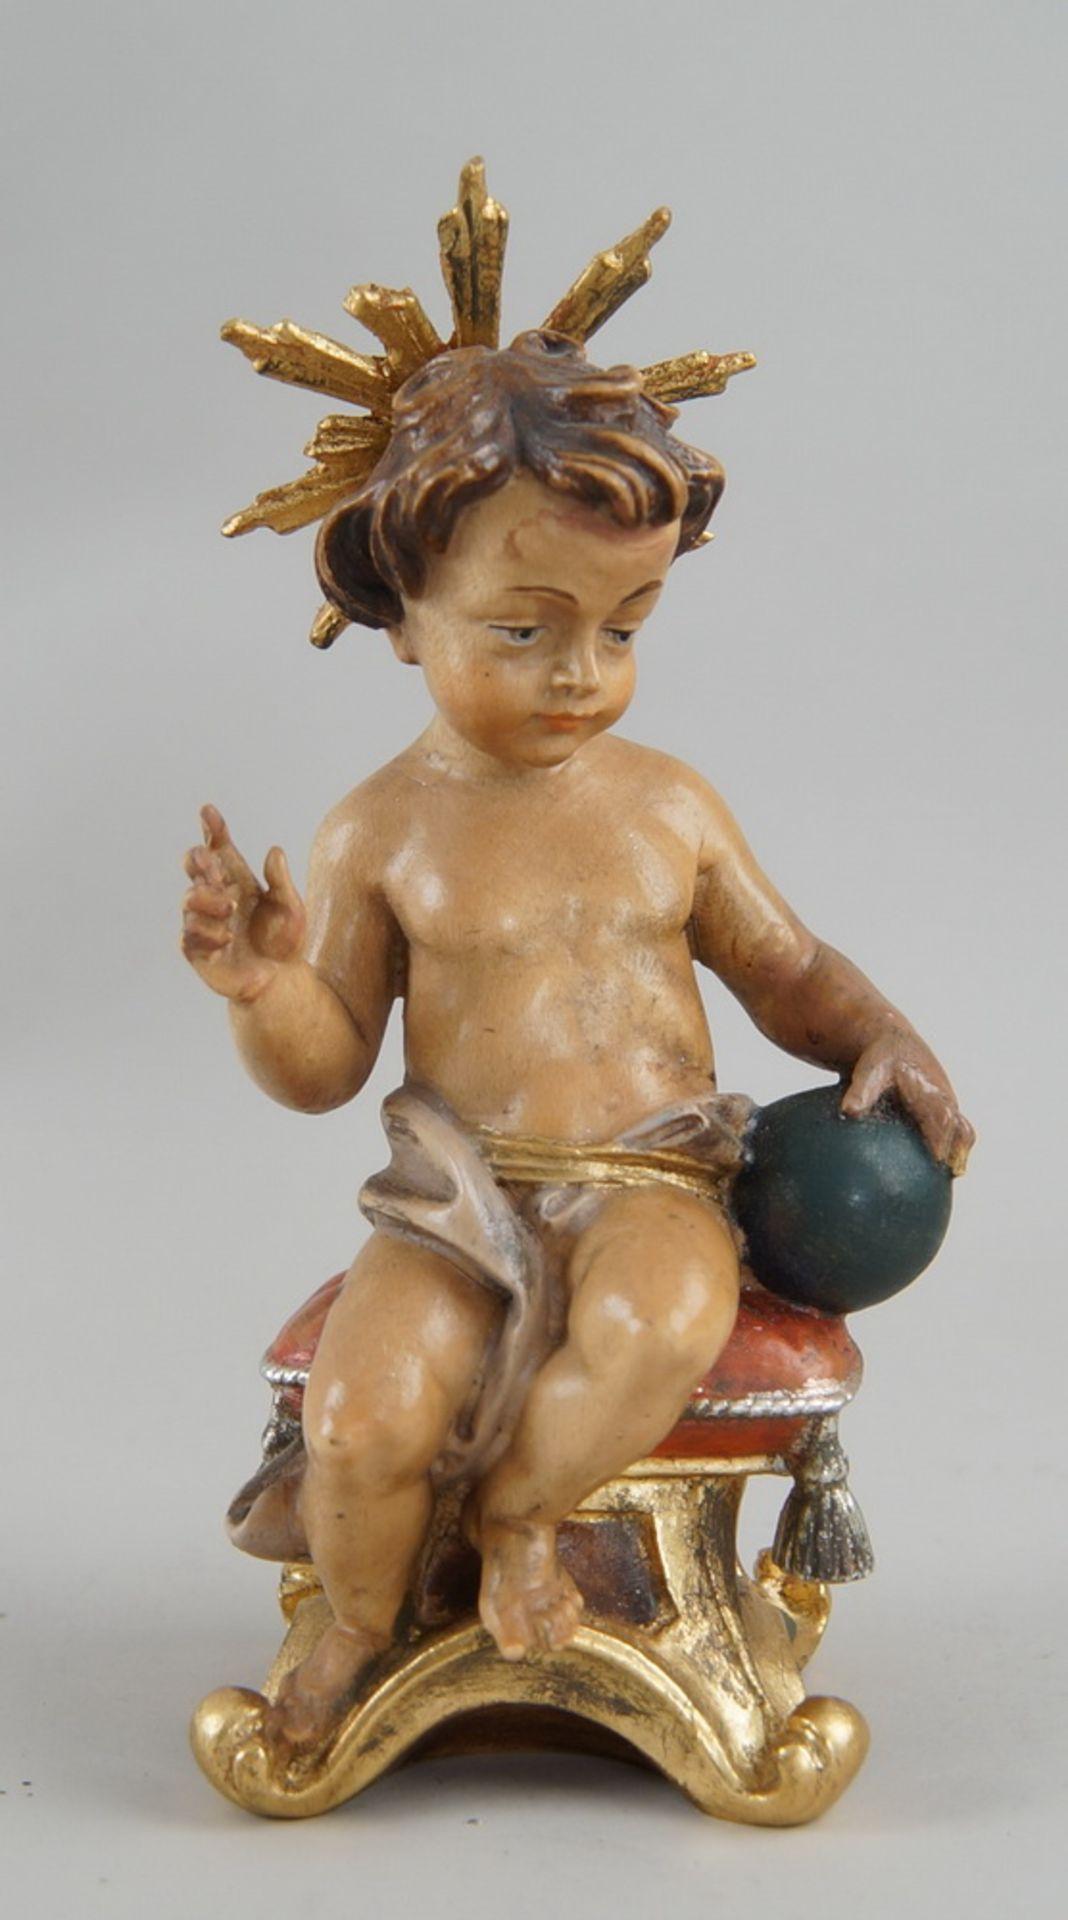 Los 3 - Sitzendes, liebliches Jesuskind mit Strahlenkranz und Weltkugel, Holz geschnitzt undgefasst, H19,